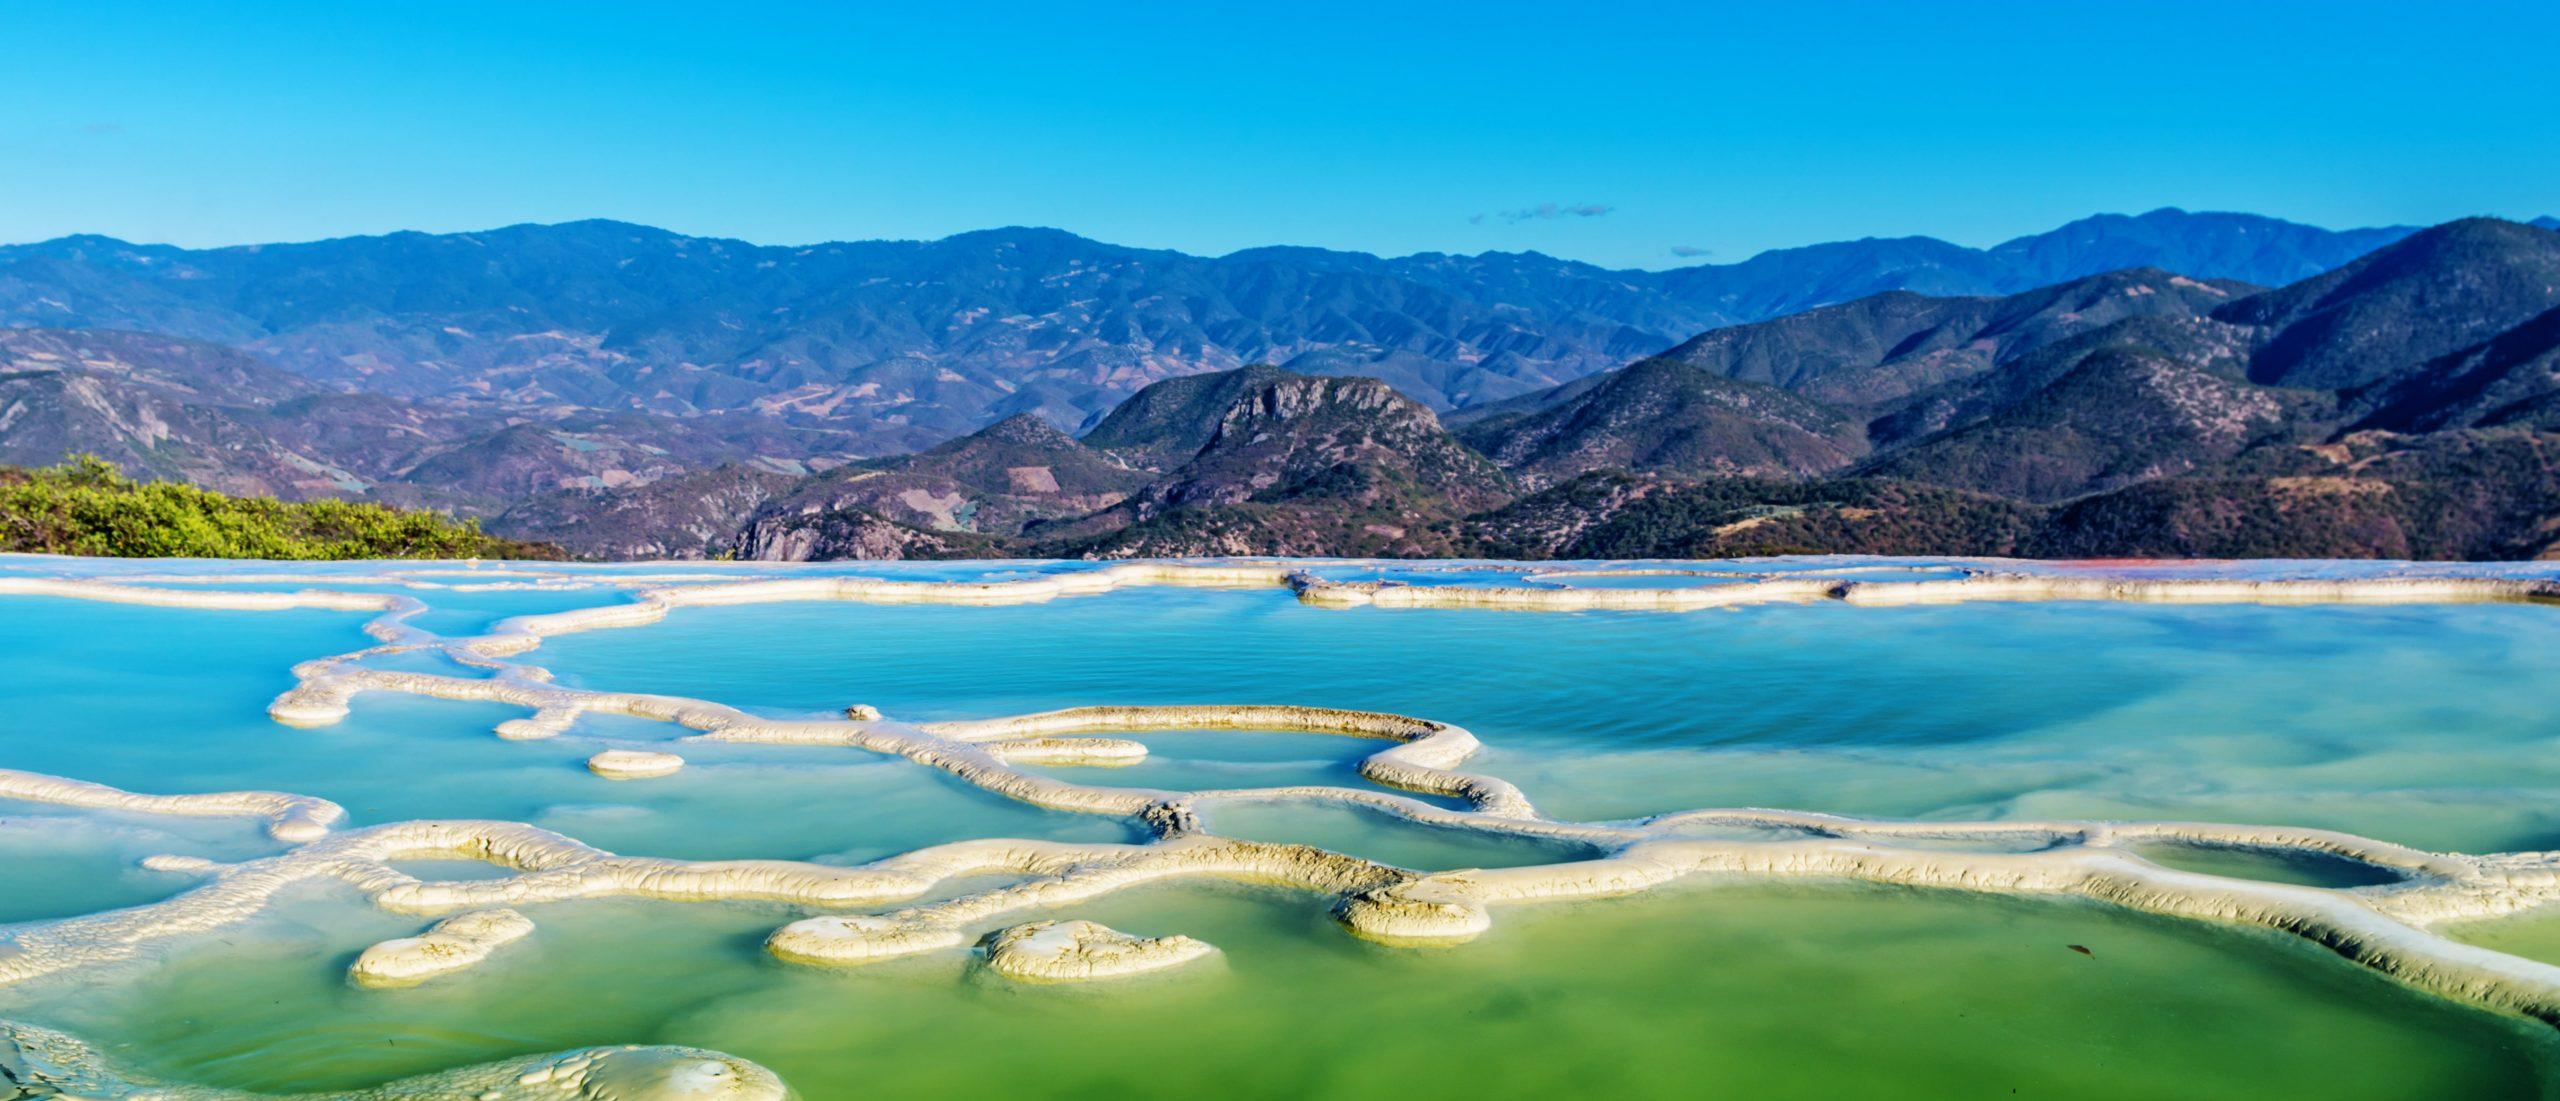 eau turquoise mexique